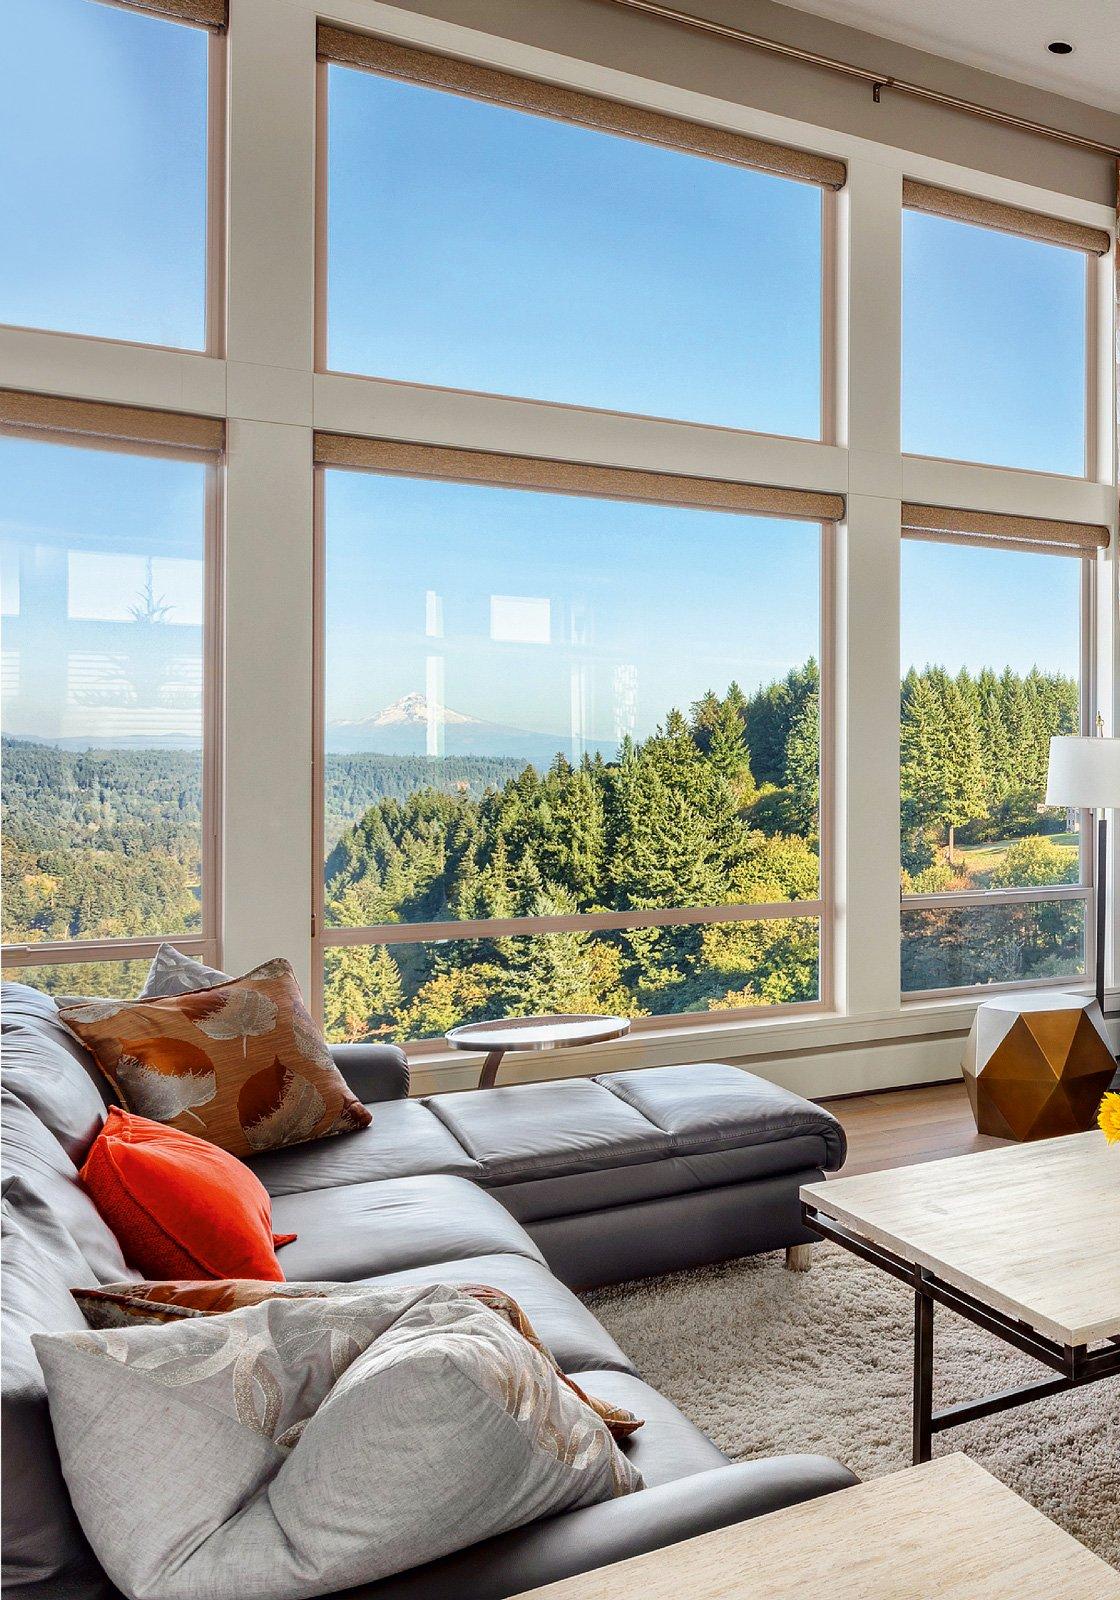 Casa incentivi elegant fabulous affordable excellent for Mobili e arredi bilancio